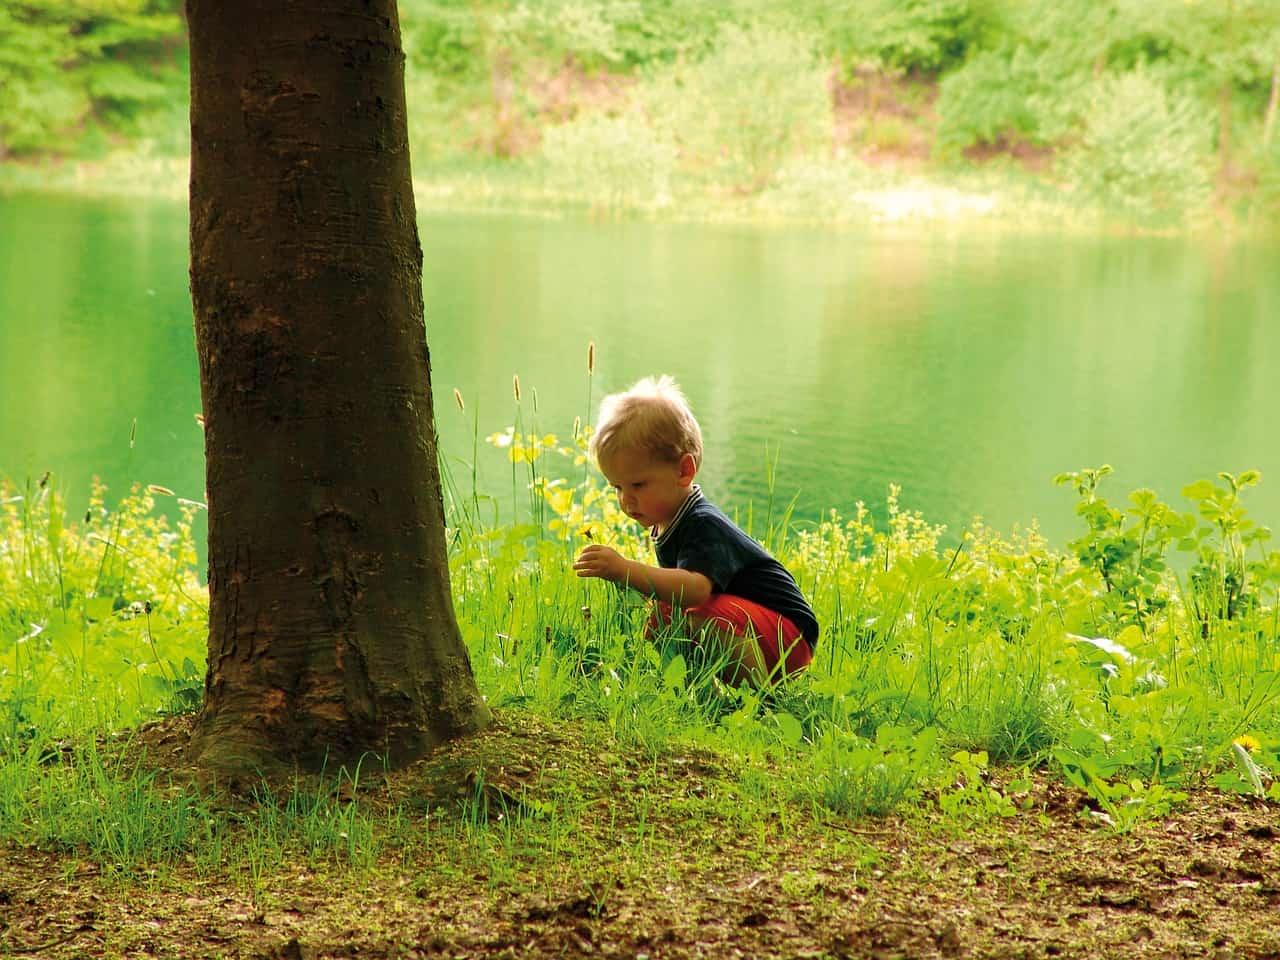 10 sfaturi pentru a crește un copil responsabil - partea 1 1